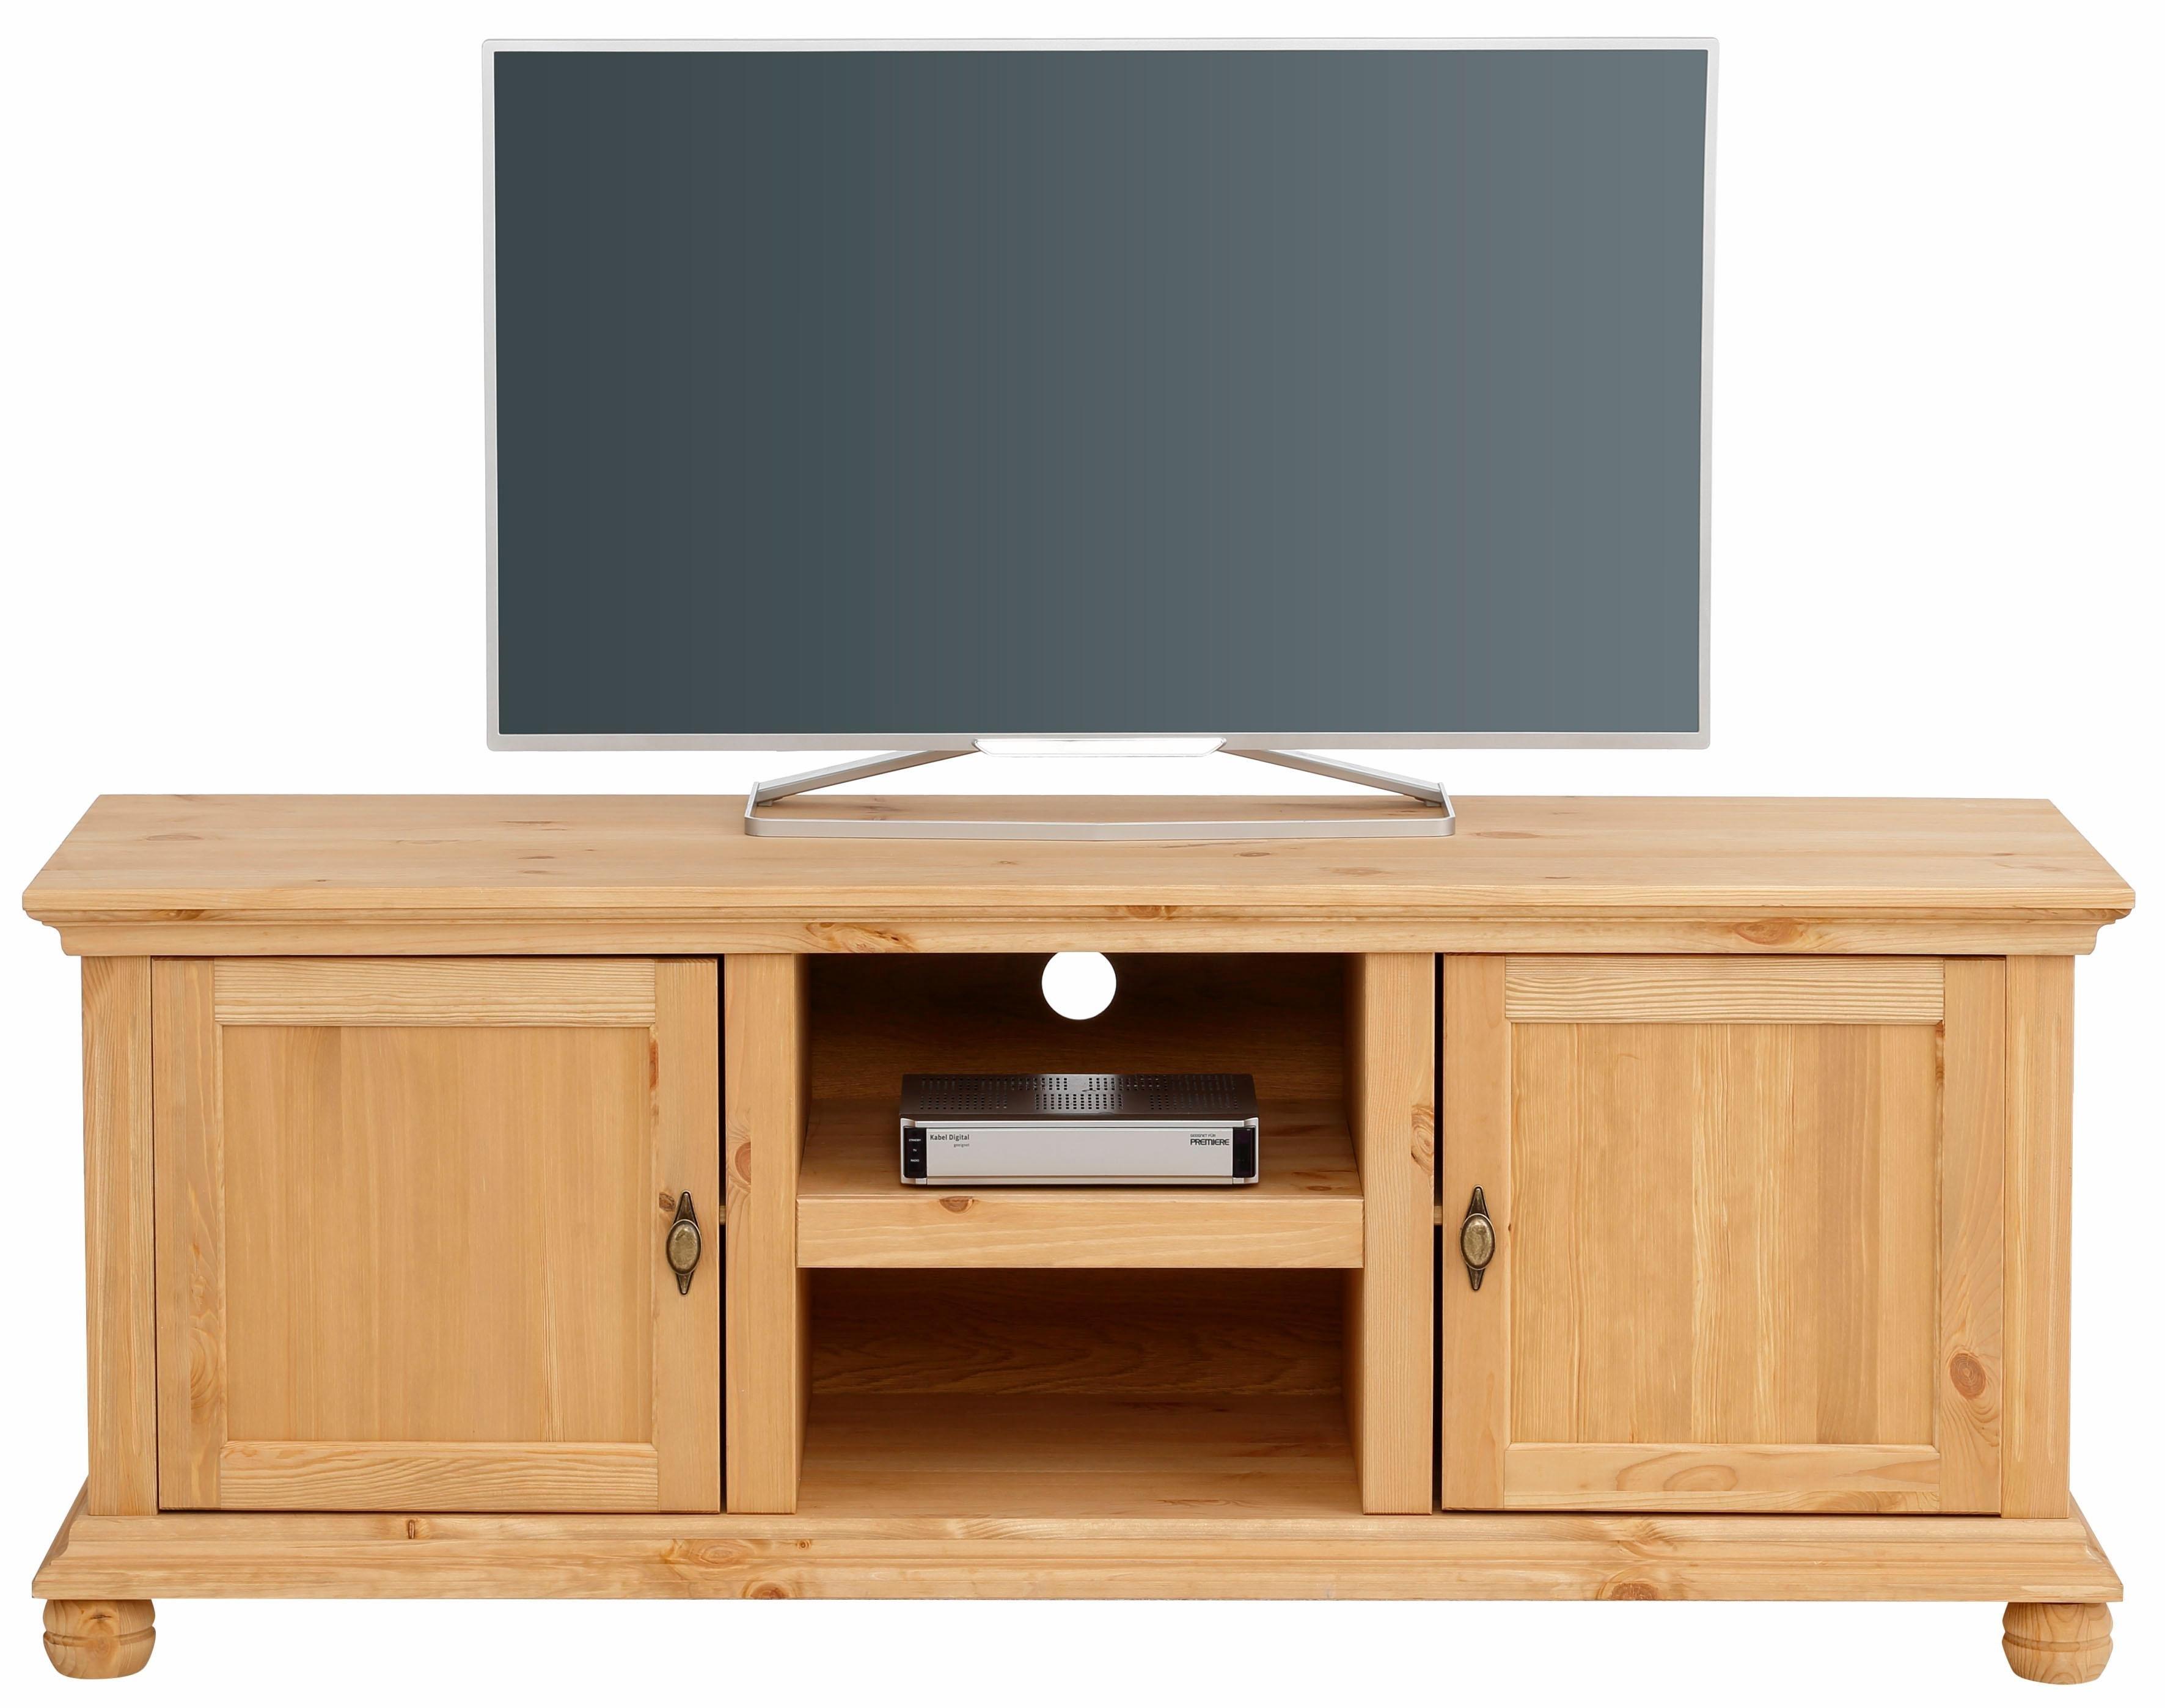 Home Affaire tv-meubel »Irena«, massief hout, in 2 verschillende kleuren en 2 verschillende afm. bij OTTO online kopen